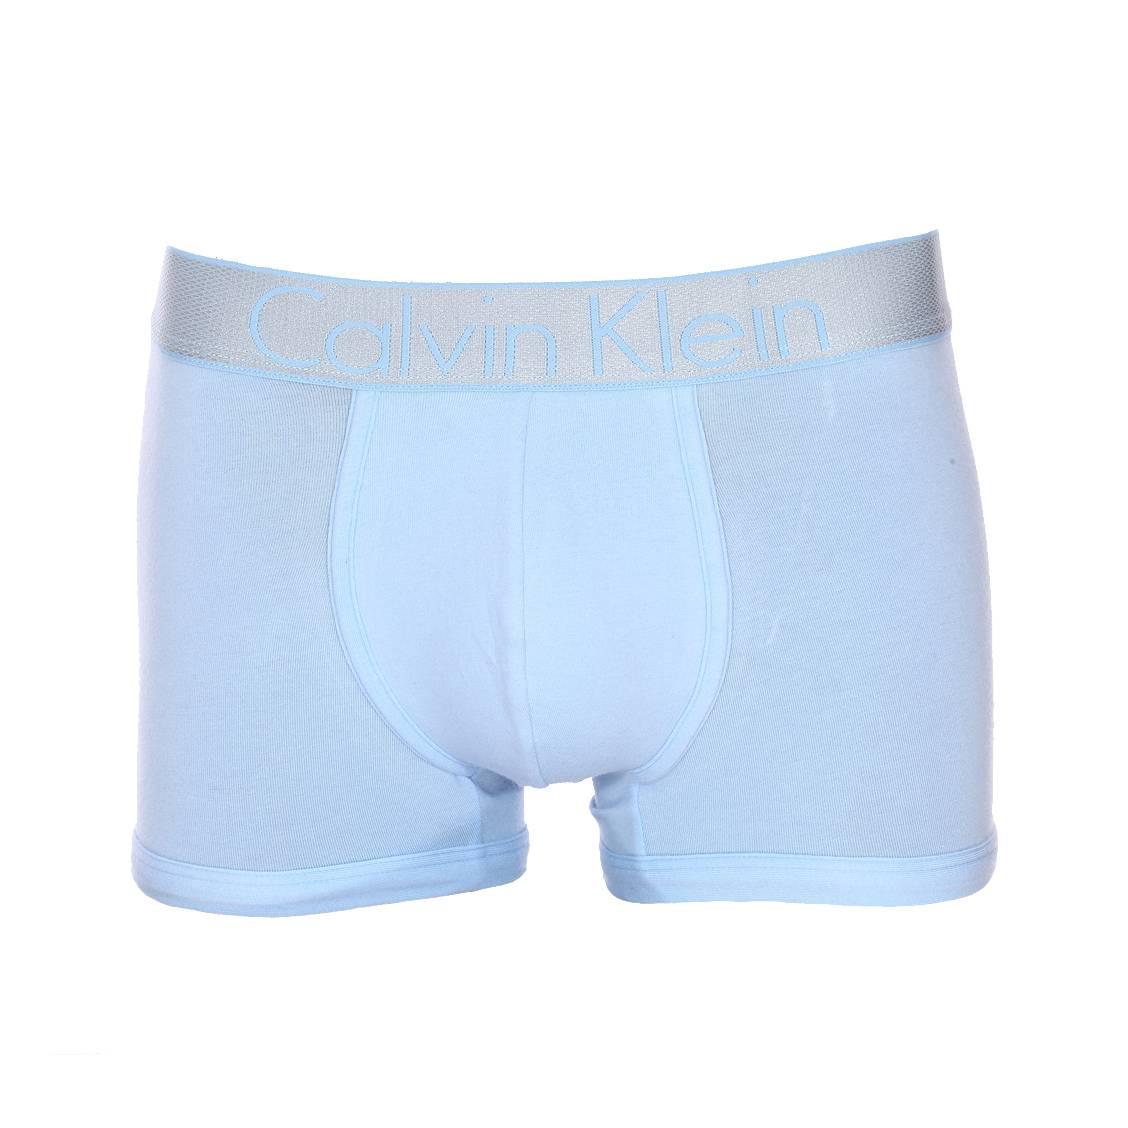 Boxer calvin klein en coton stretch bleu ciel à large ceinture